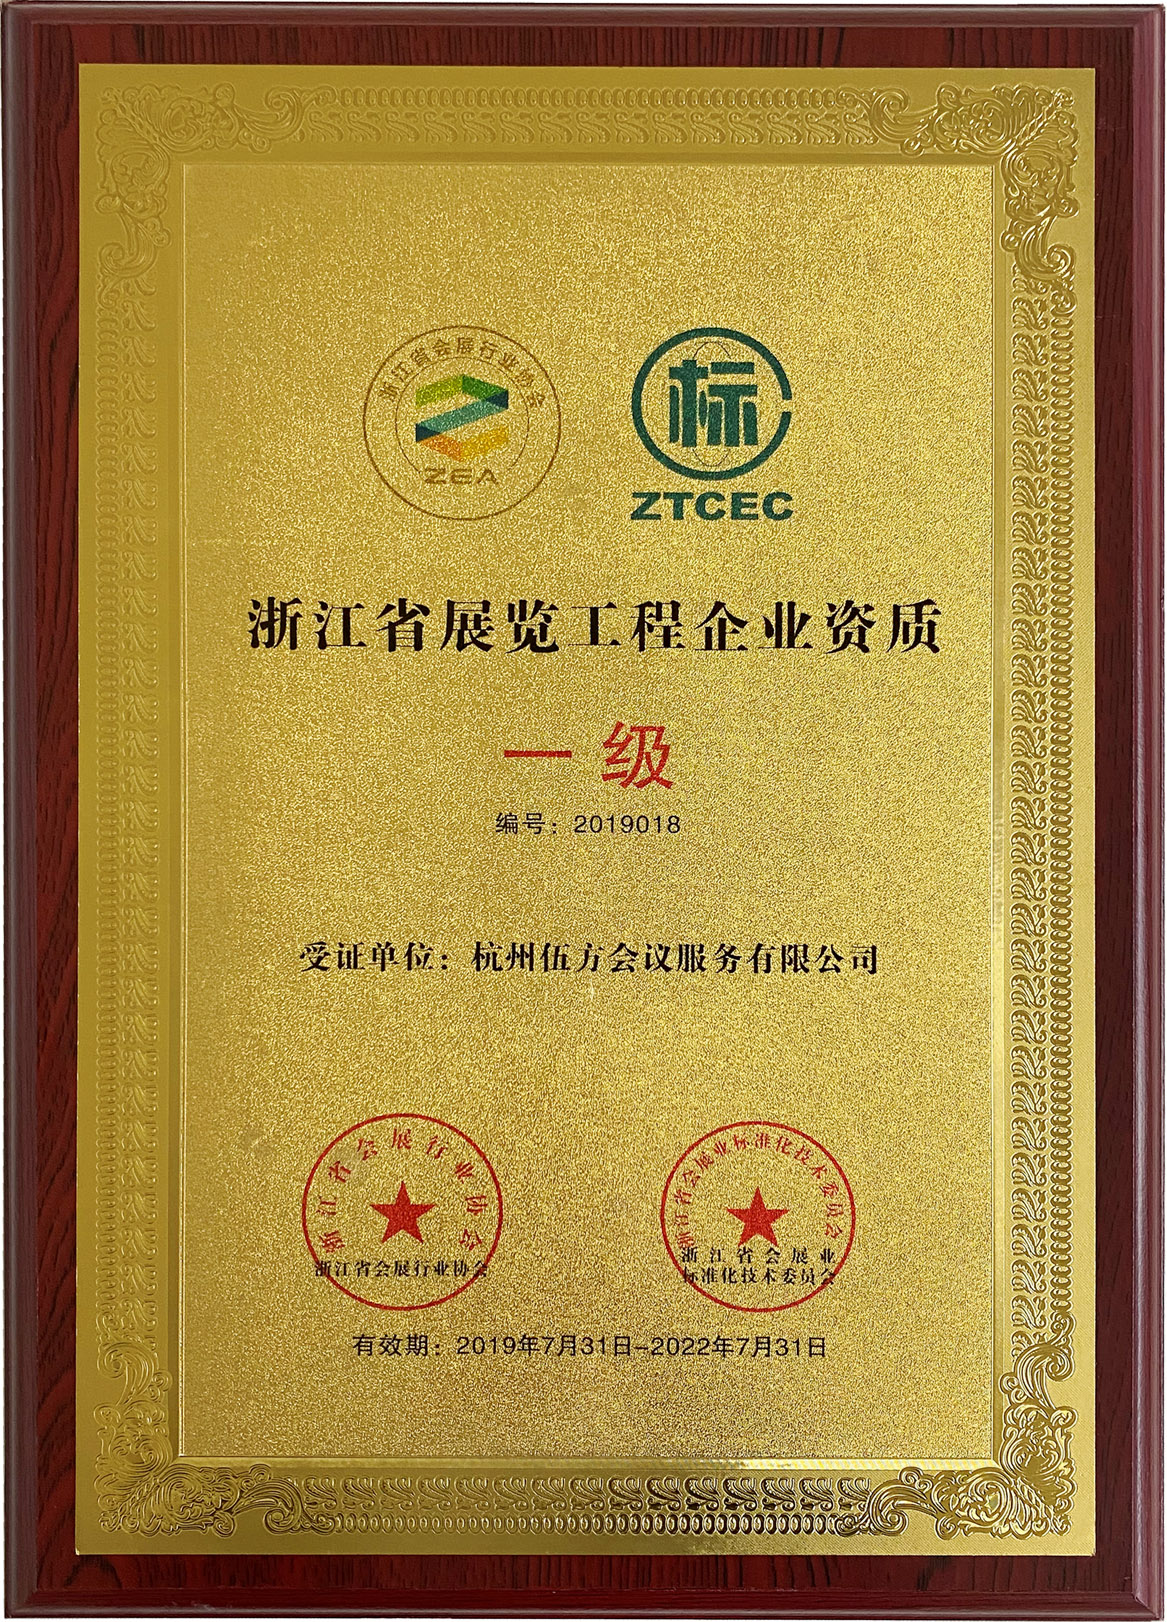 一级浙江省展览工程企业资质证书